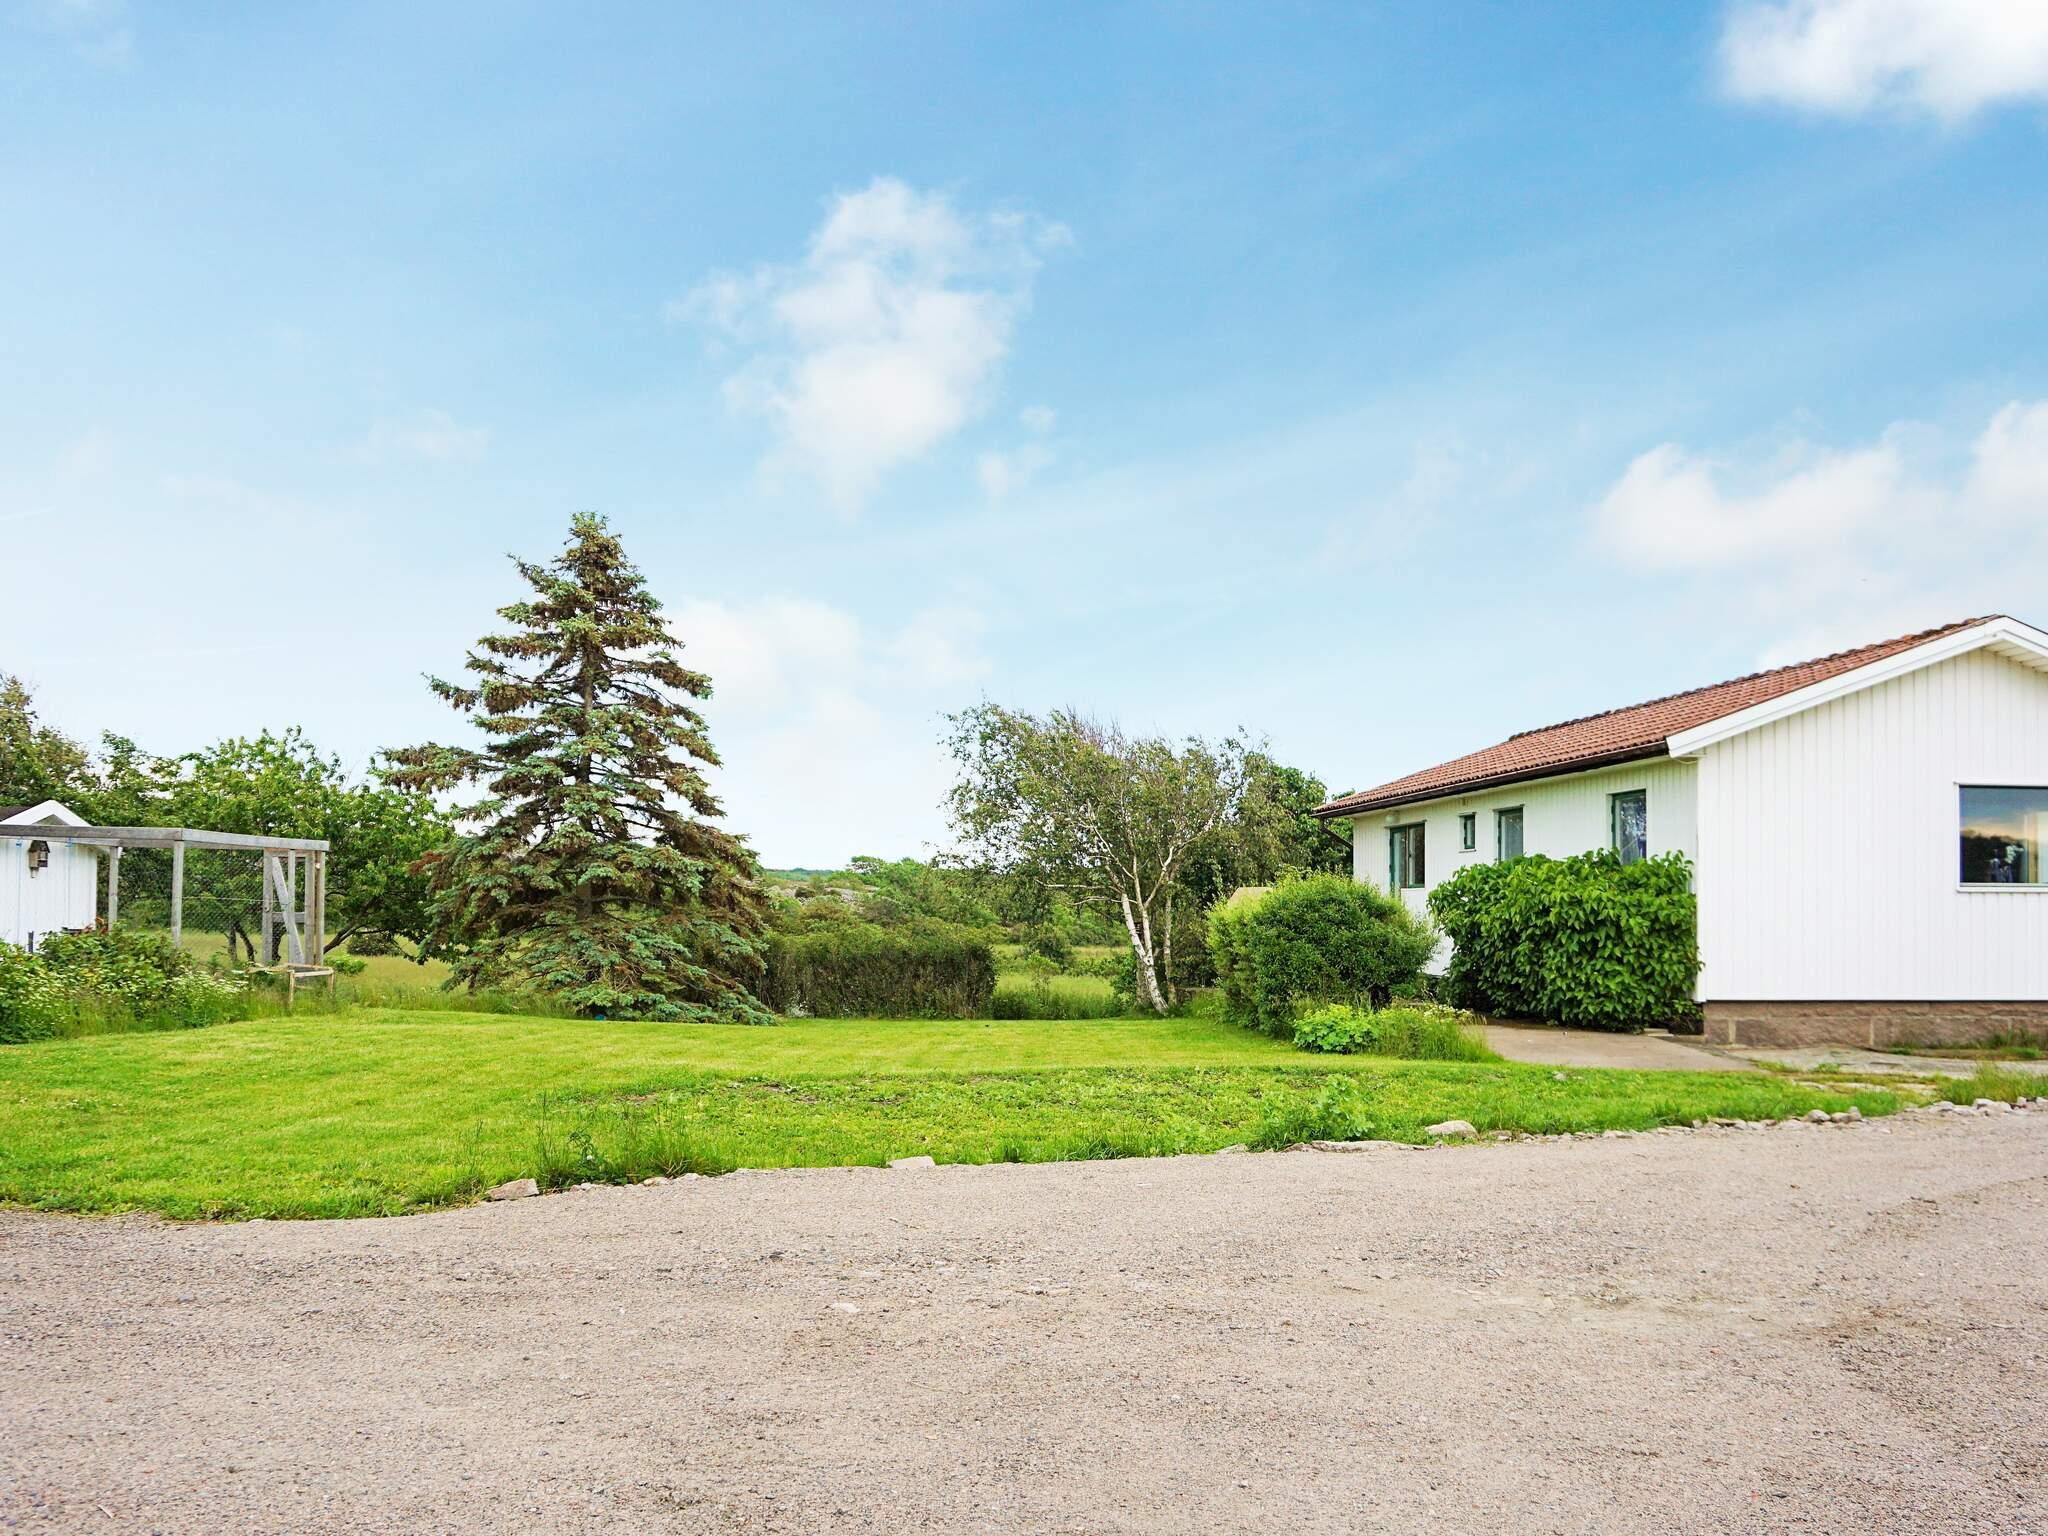 Ferienhaus Väjern (2636847), Kungshamn, Västra Götaland län, Westschweden, Schweden, Bild 12